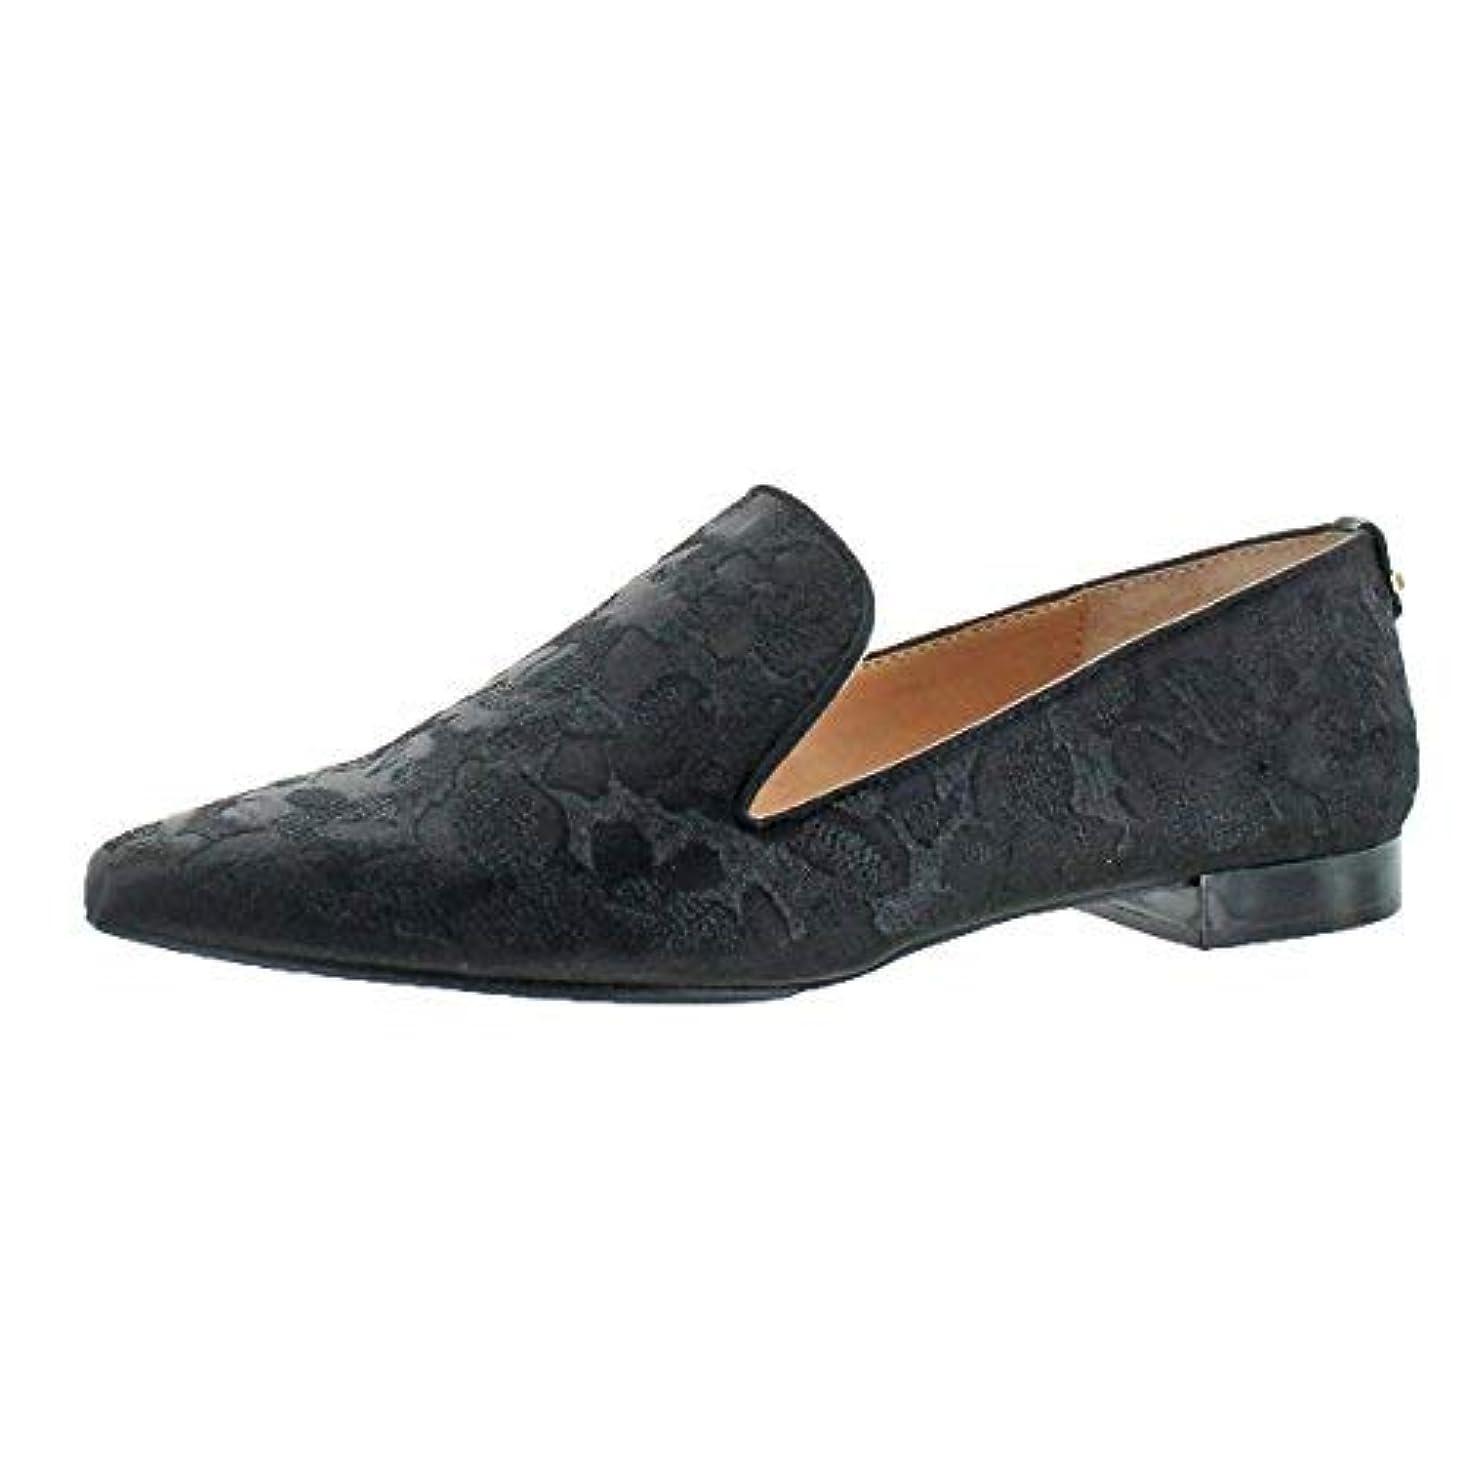 検索エンジン最適化観察する凍結[Calvin Klein] Womens Elin Crosshatch flower STN/Nap Fabric Pointed Toe Loafers [並行輸入品]